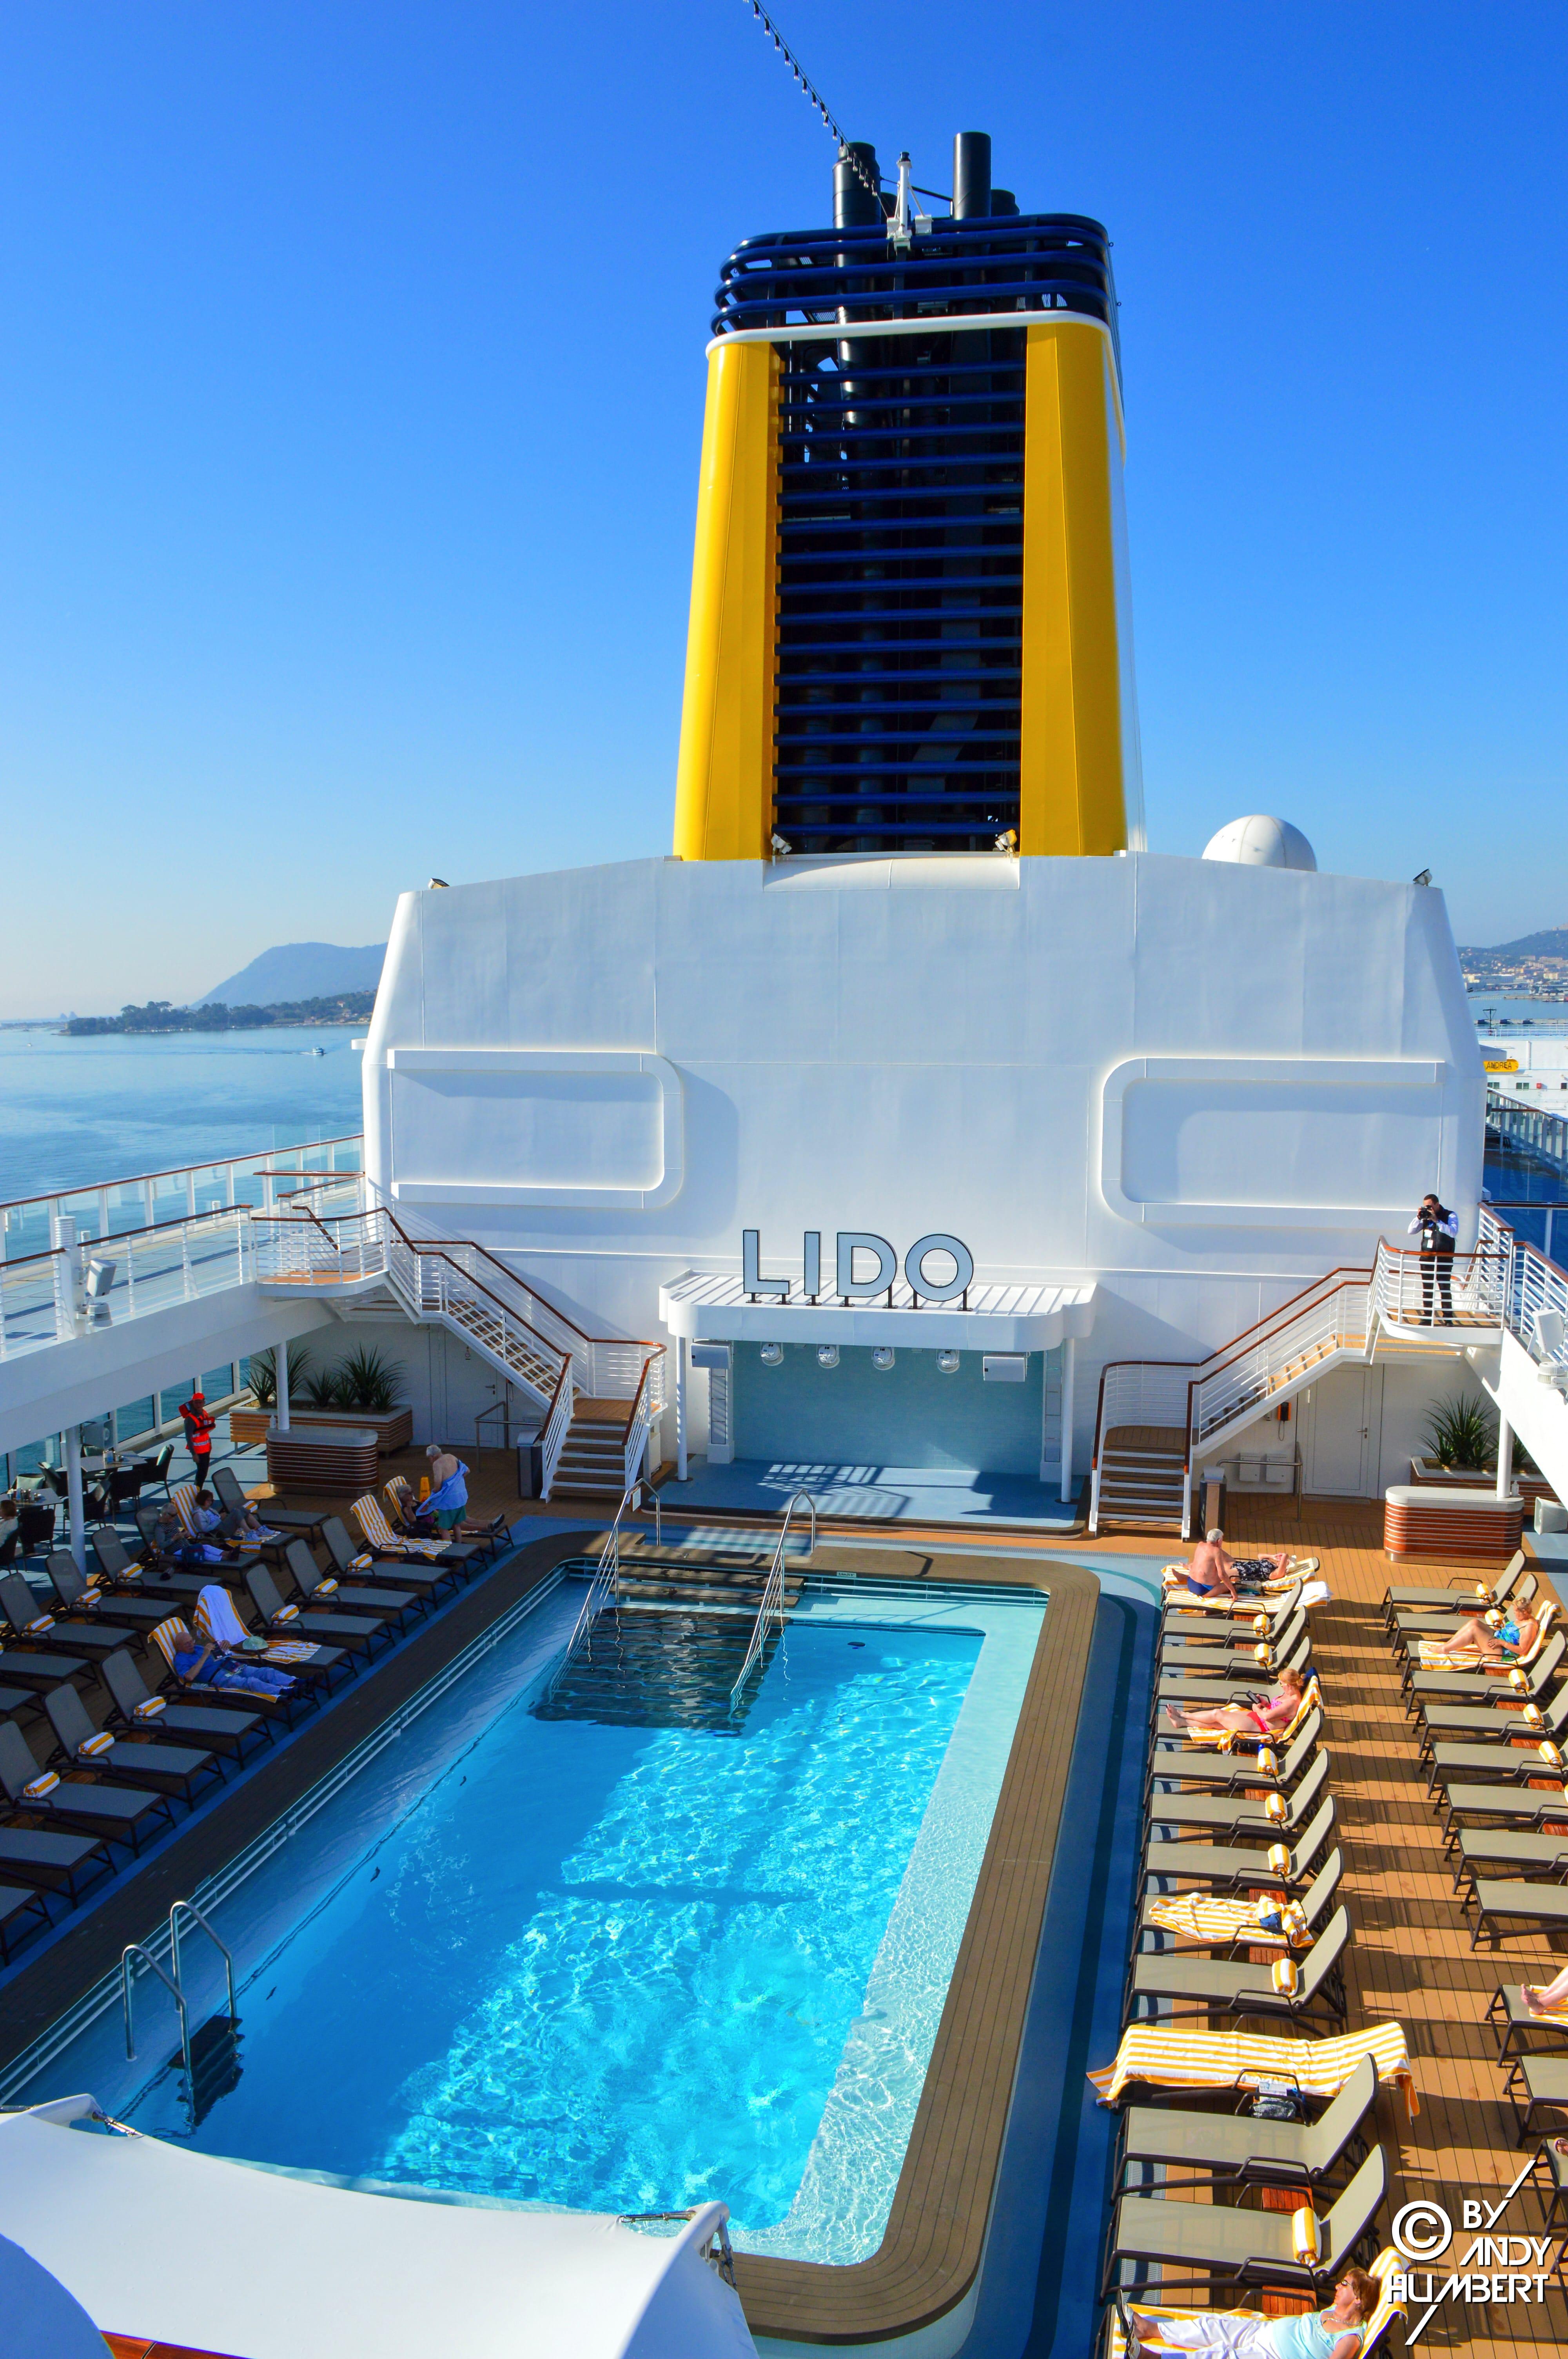 The Lido (Lido deck)